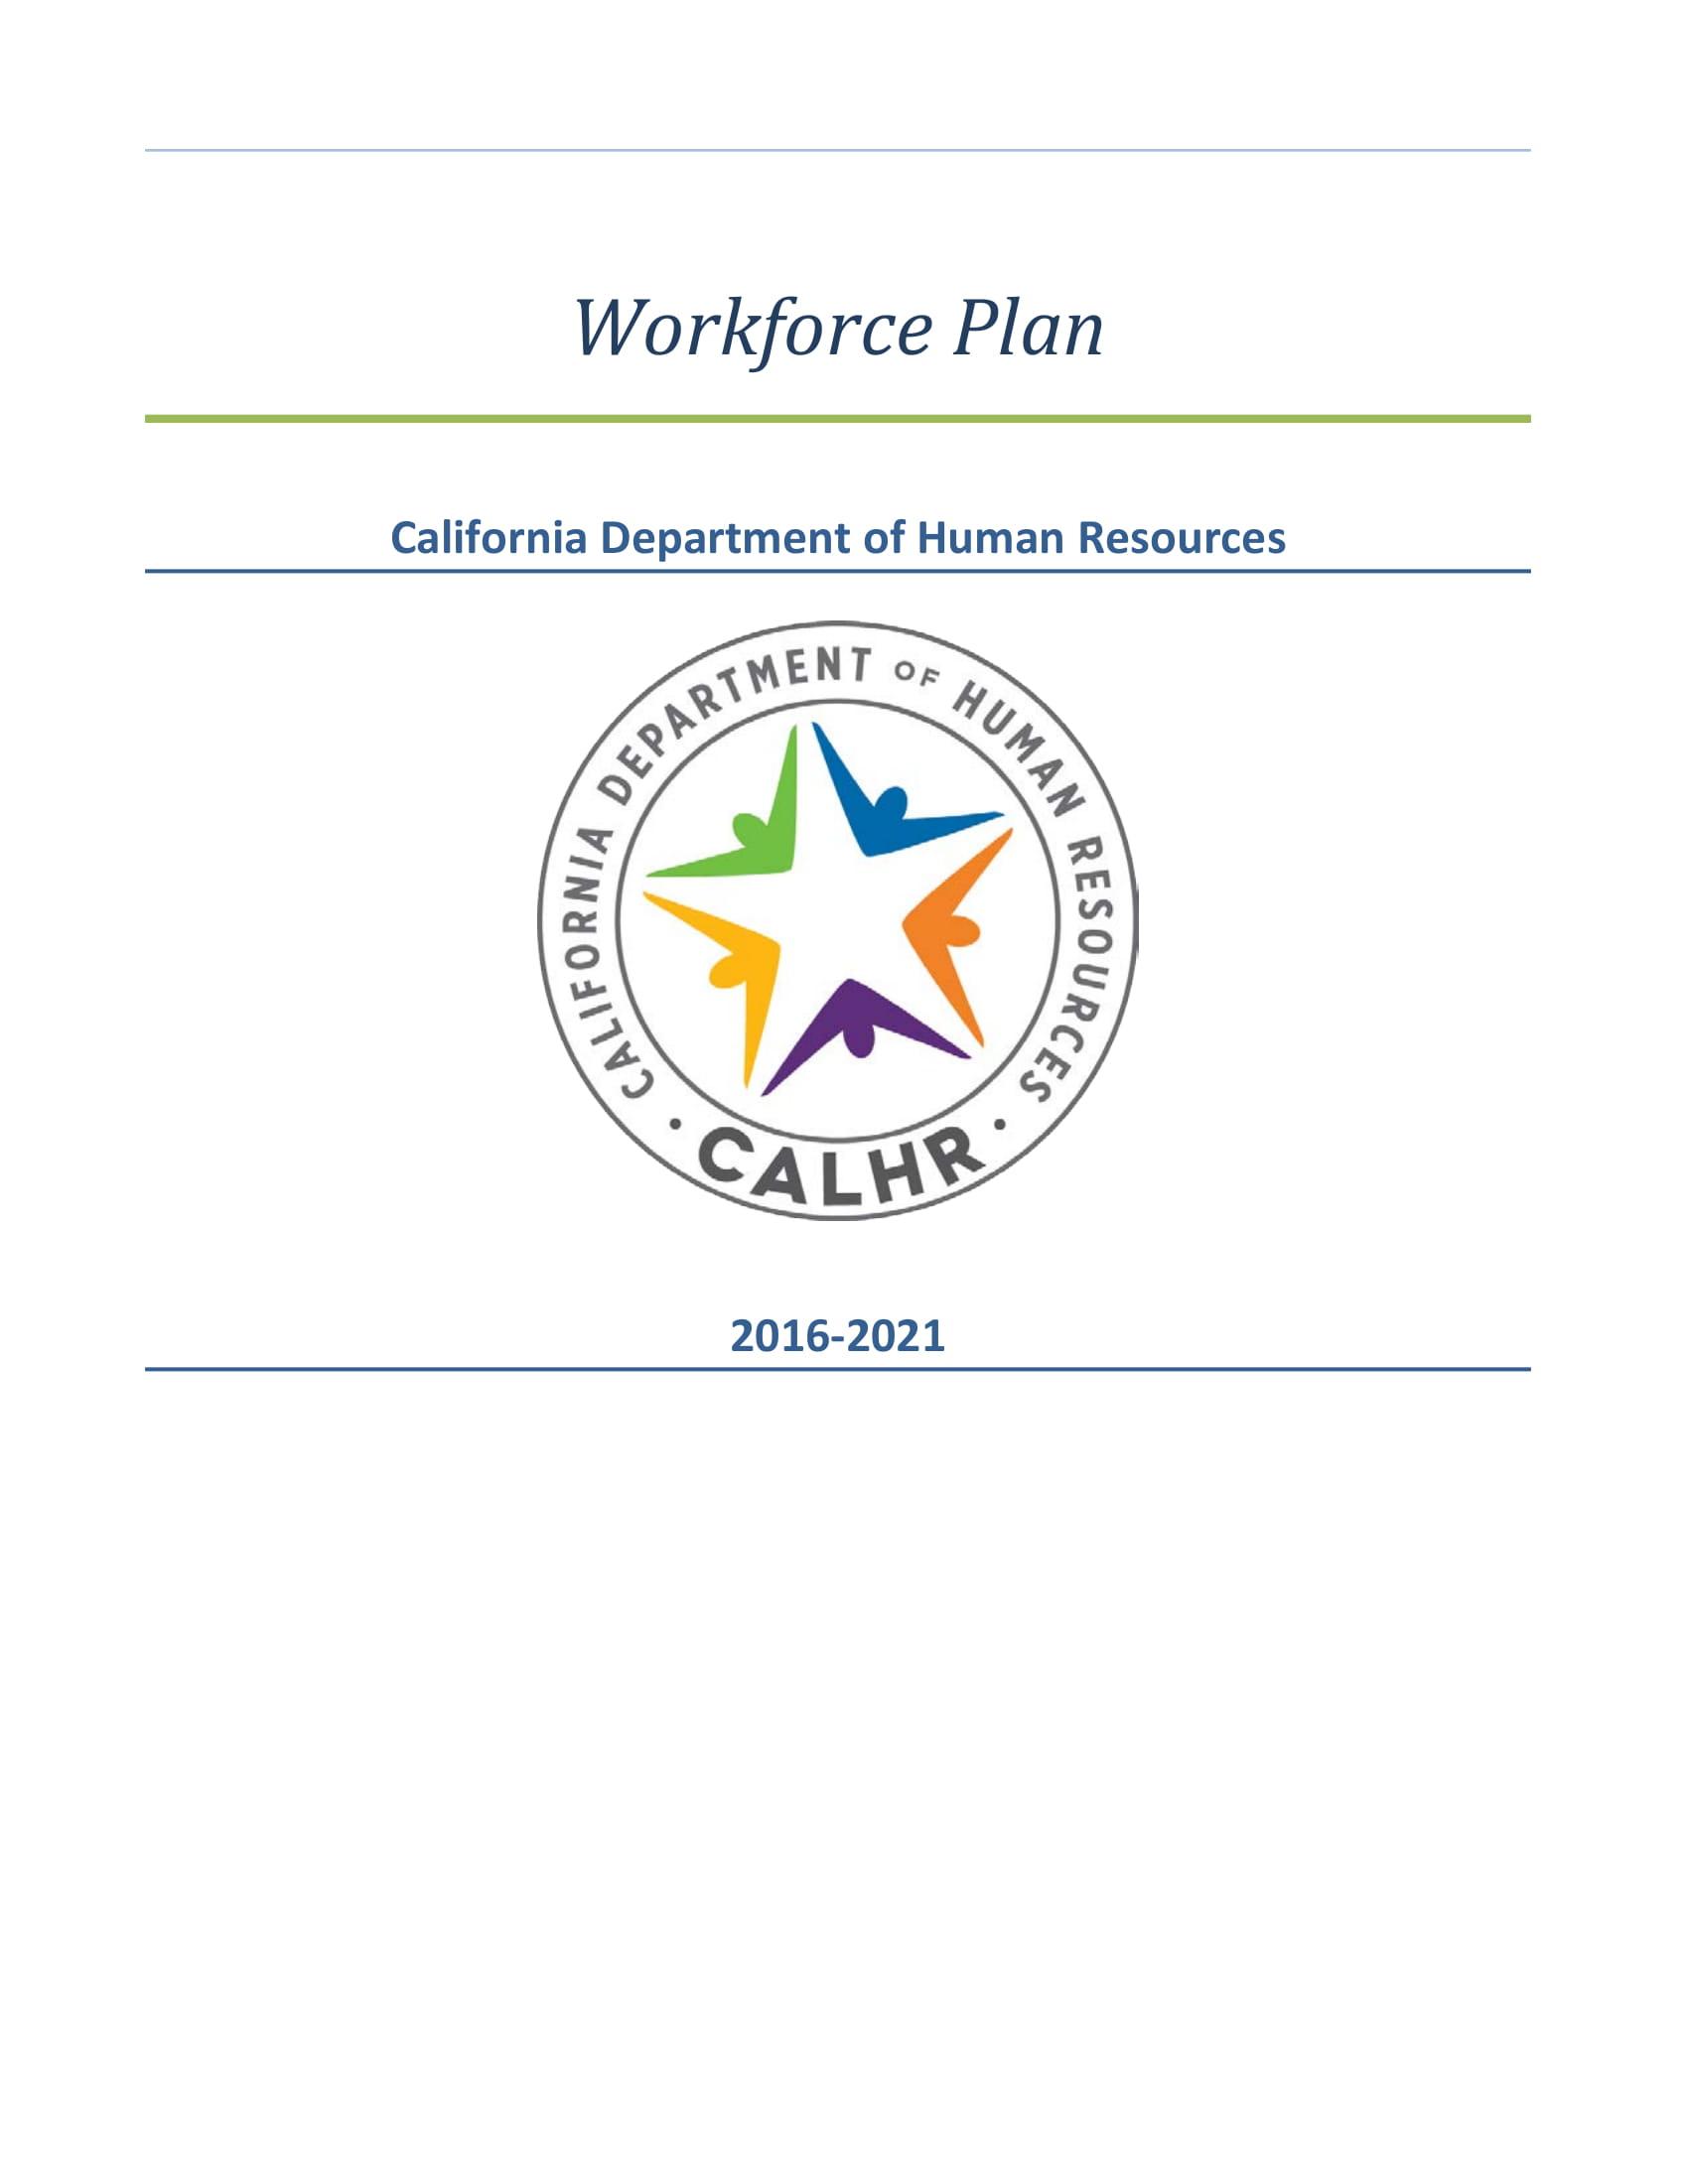 basic workforce plan template example